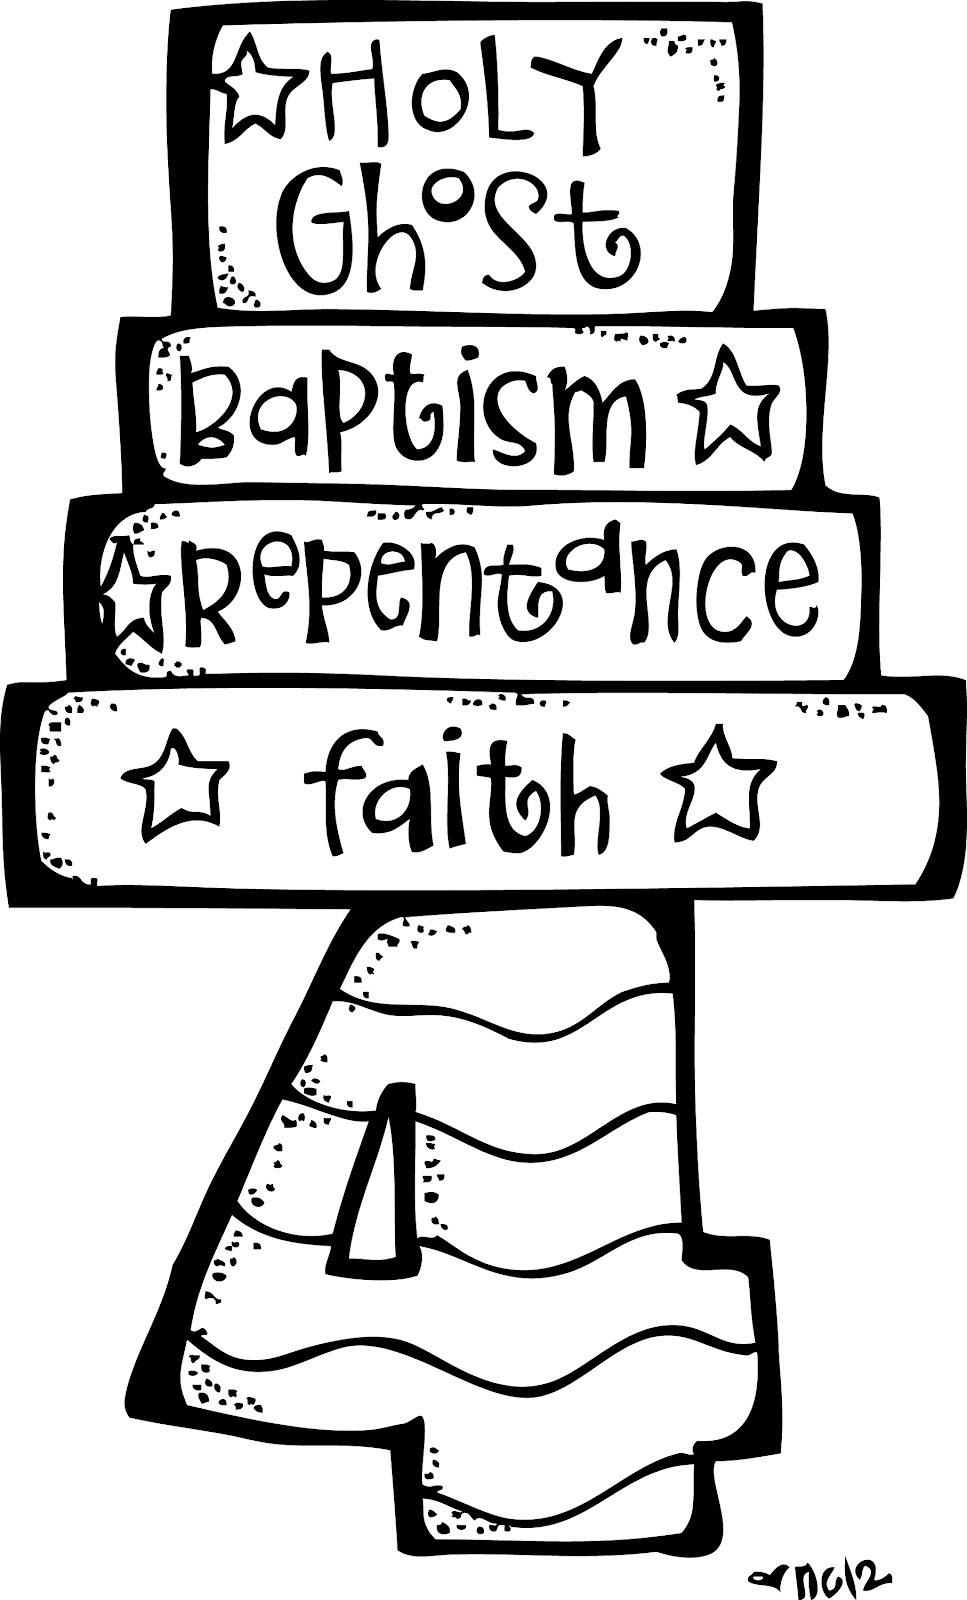 Article of faith clipart.